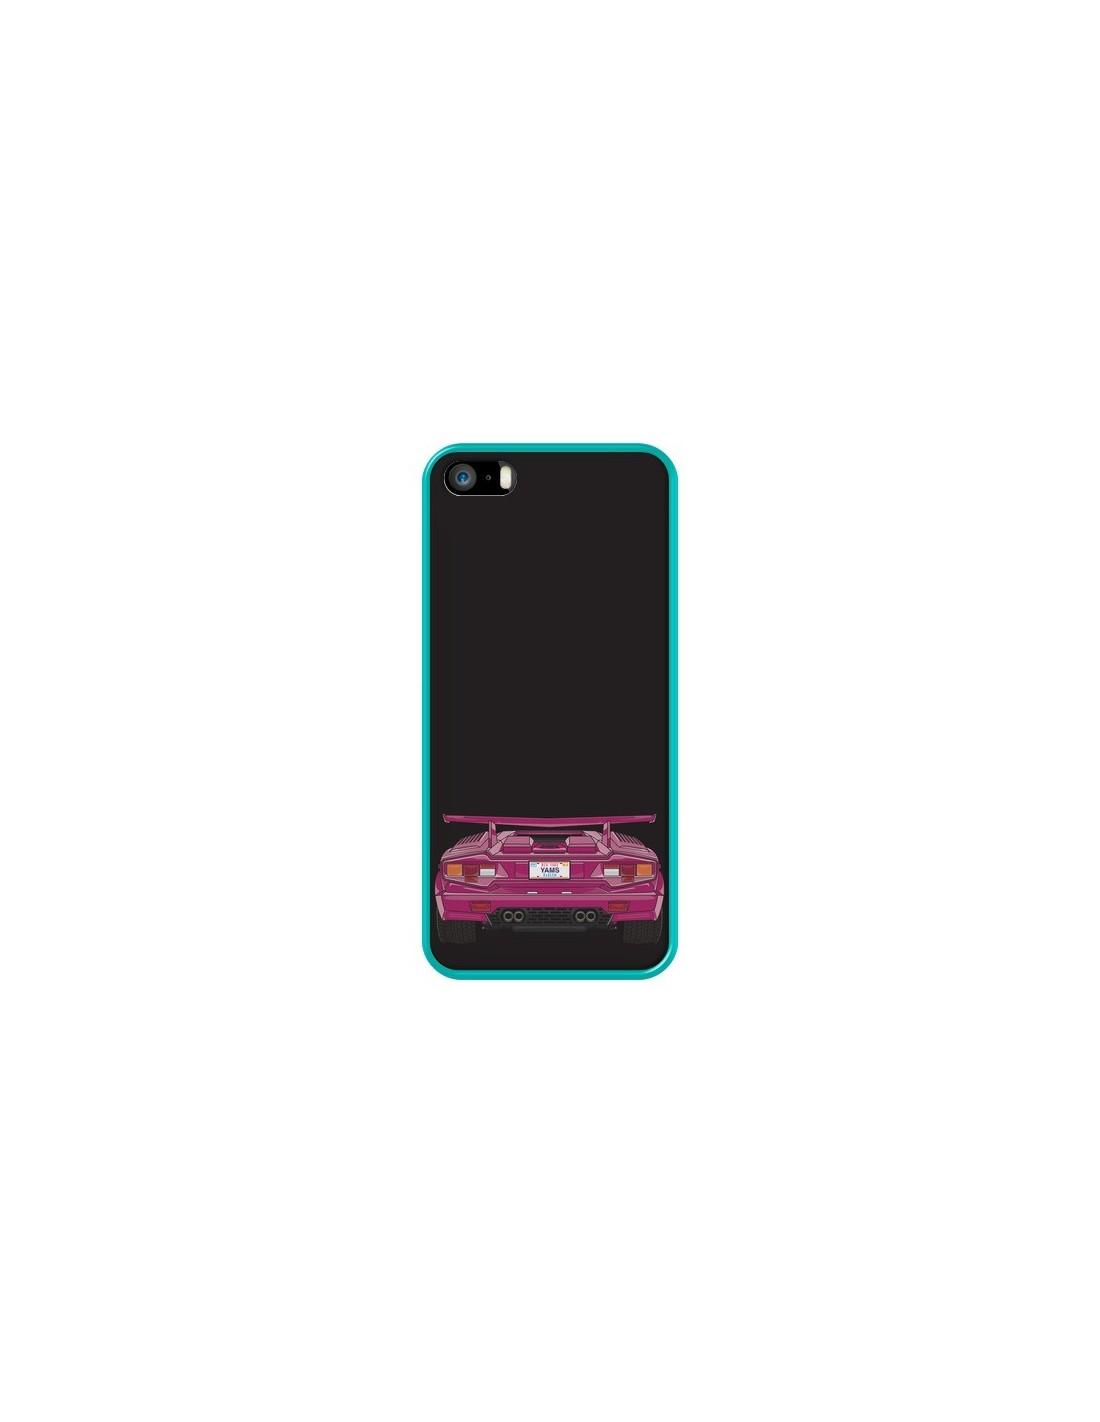 coque yamborhini voiture pour iphone 5 5s et se mikadololo. Black Bedroom Furniture Sets. Home Design Ideas